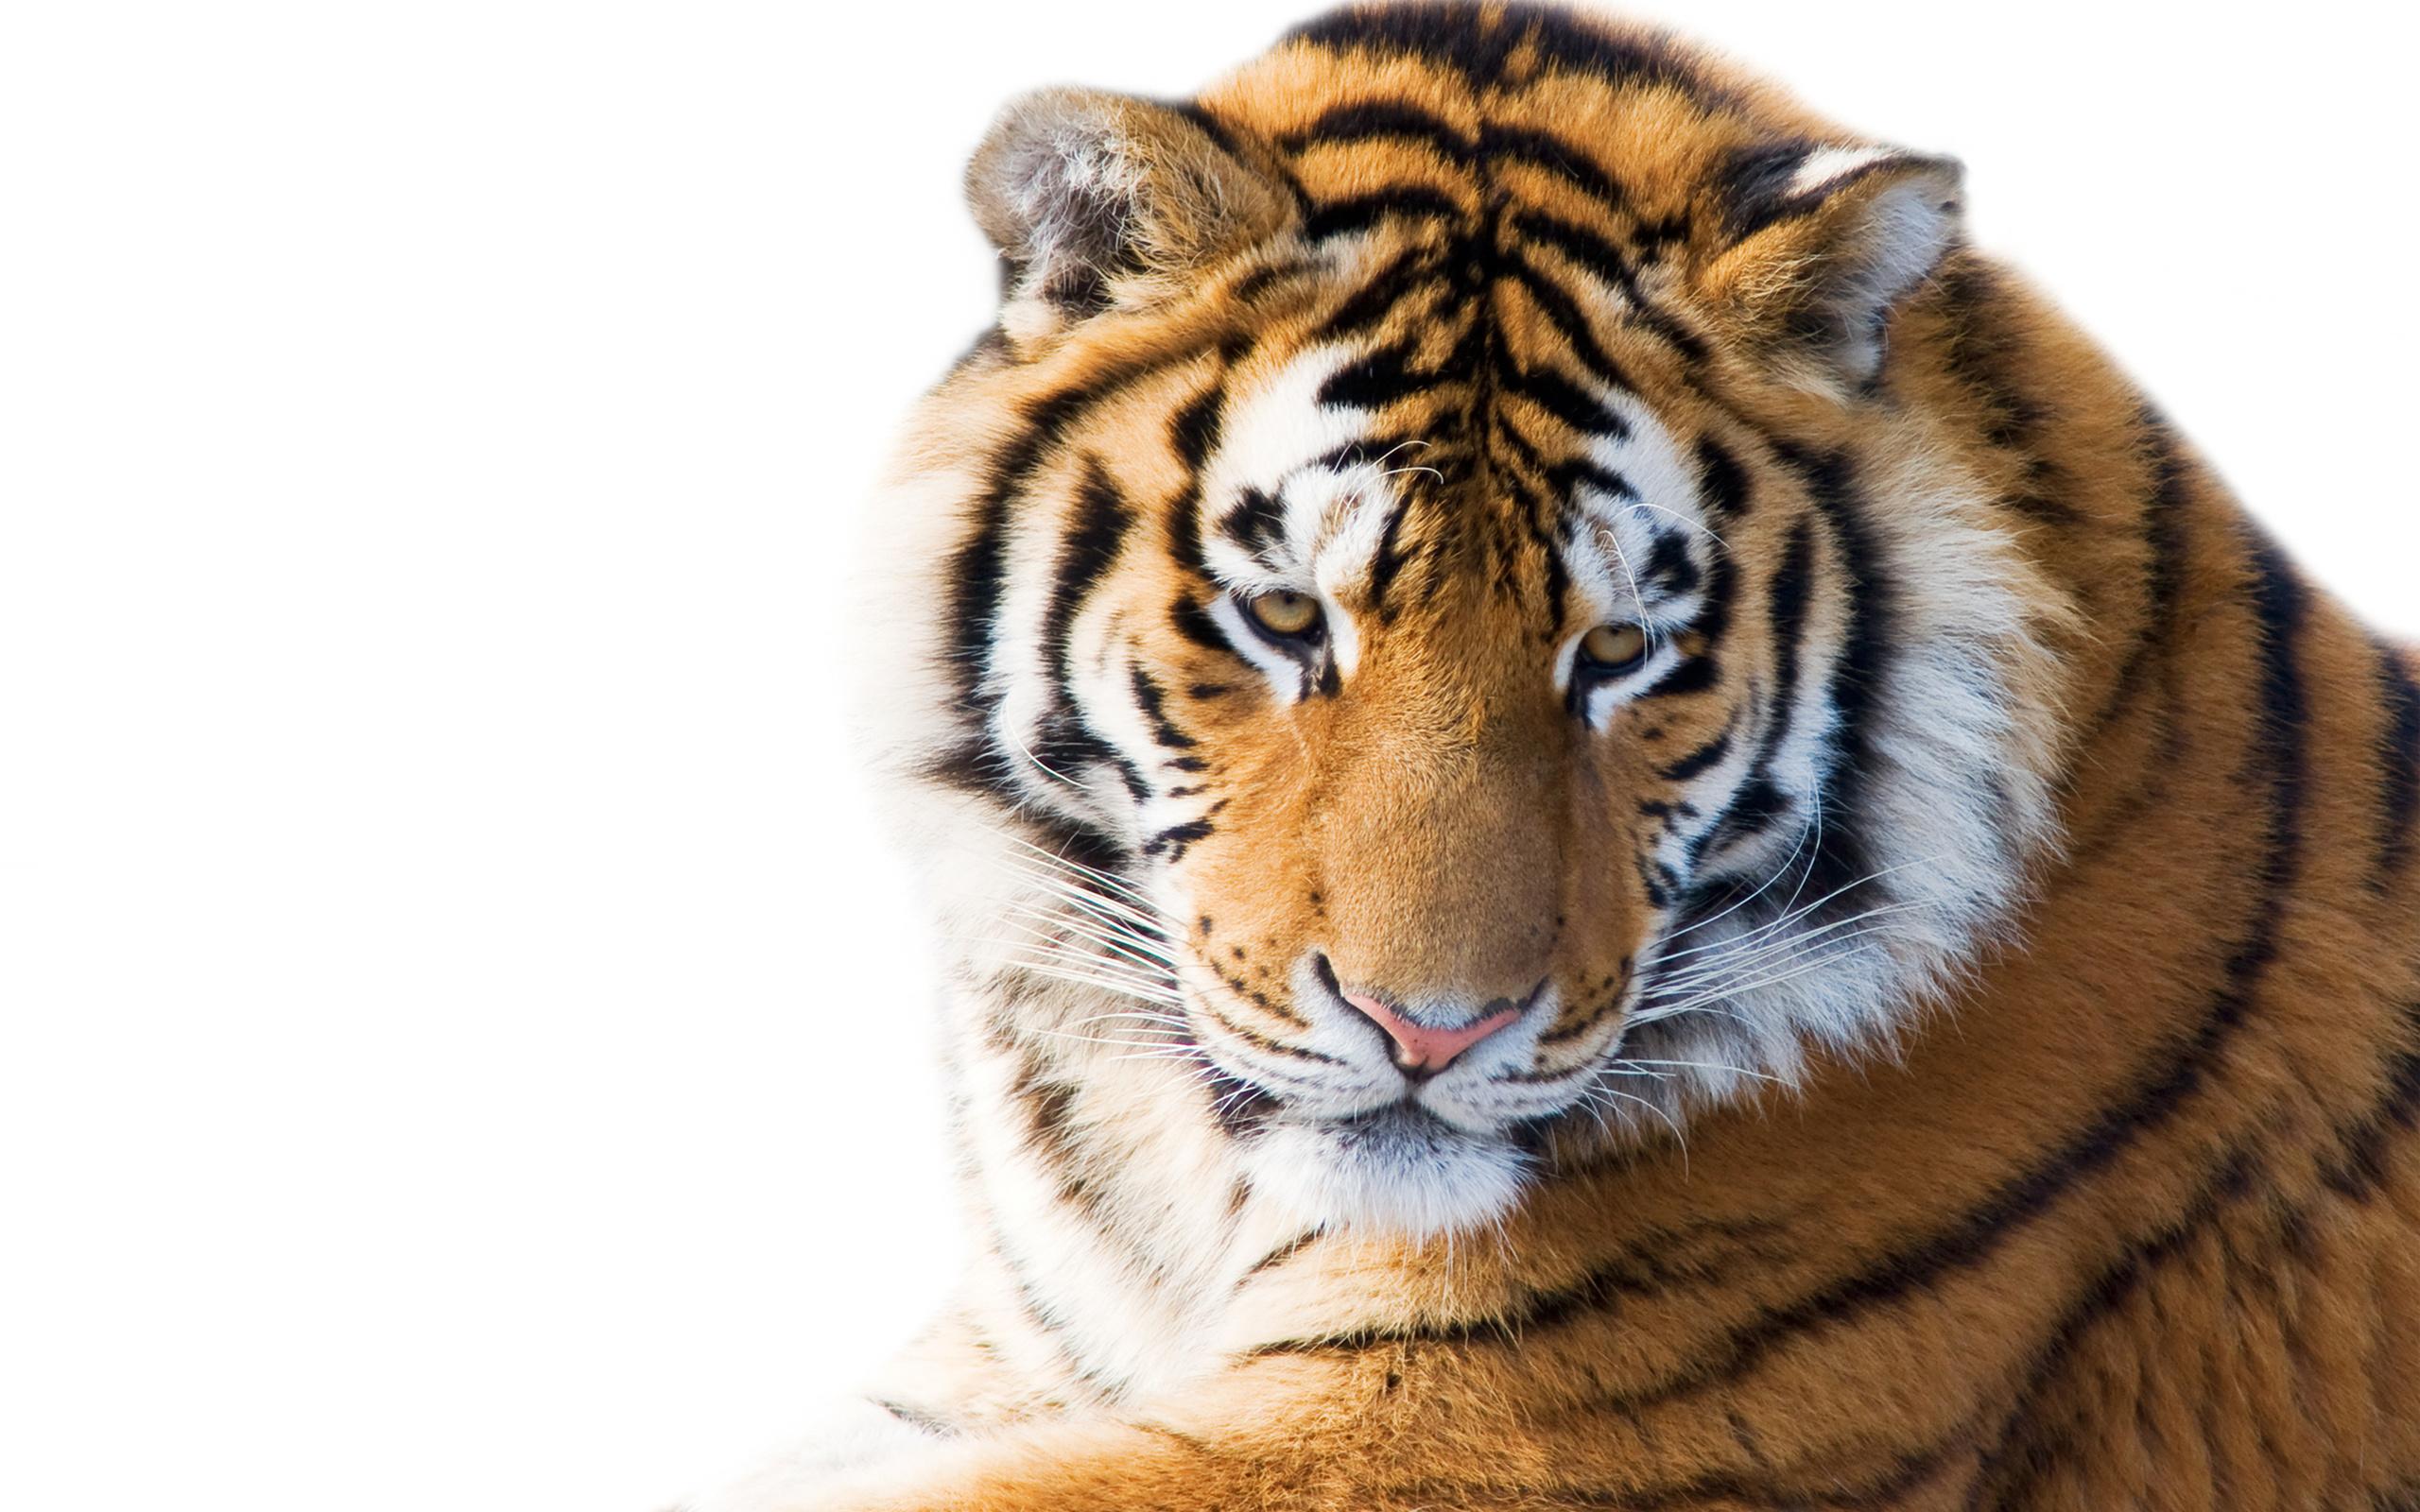 кошка, взгляд, белый фон, морда, тигр, Амурский тигр